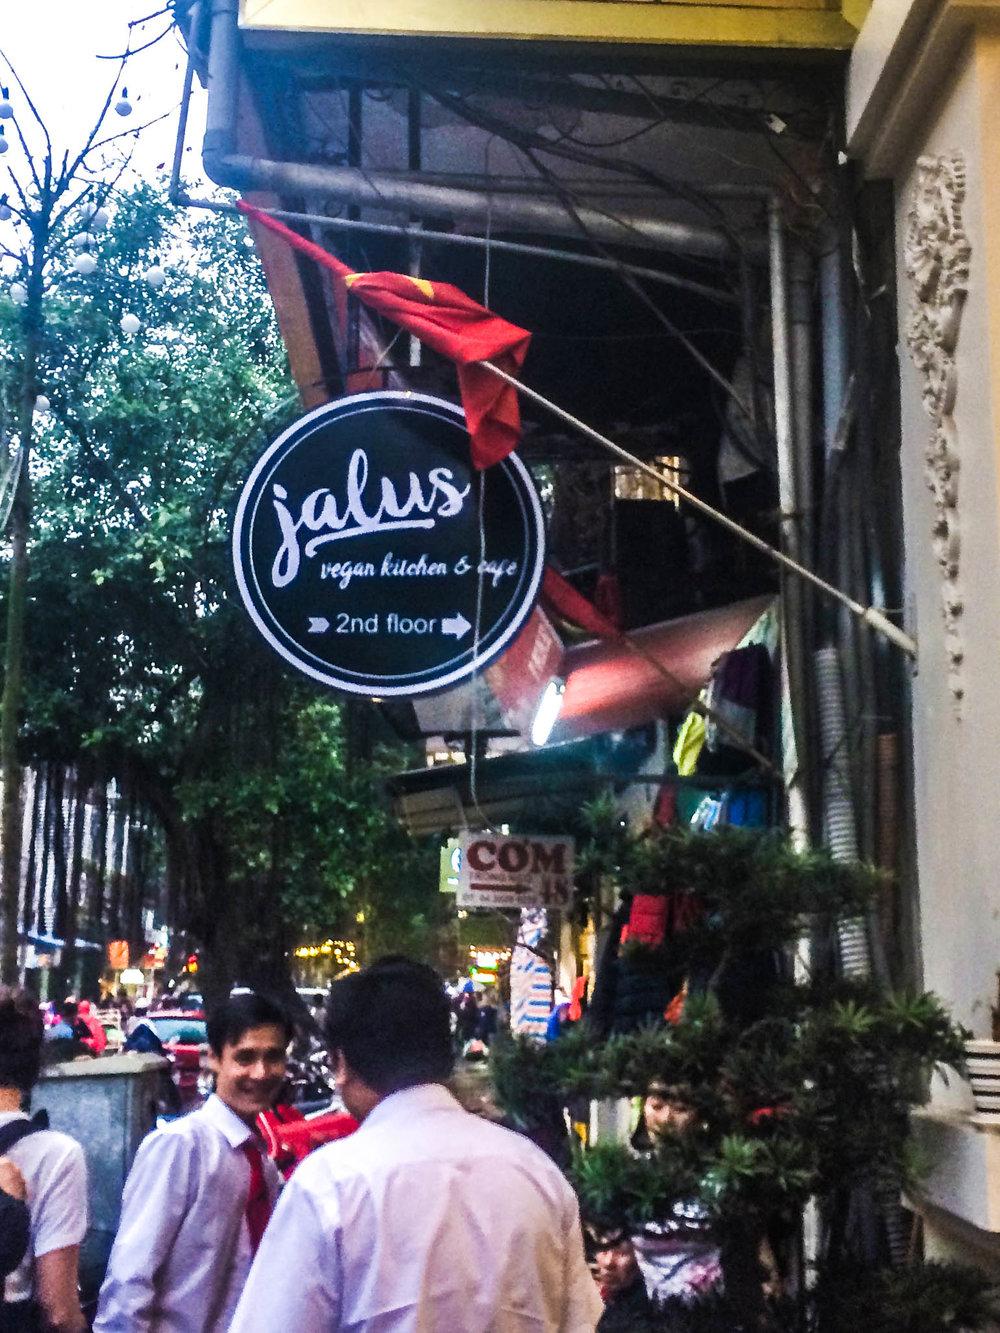 Copy of Jalus Vegan Kitchen